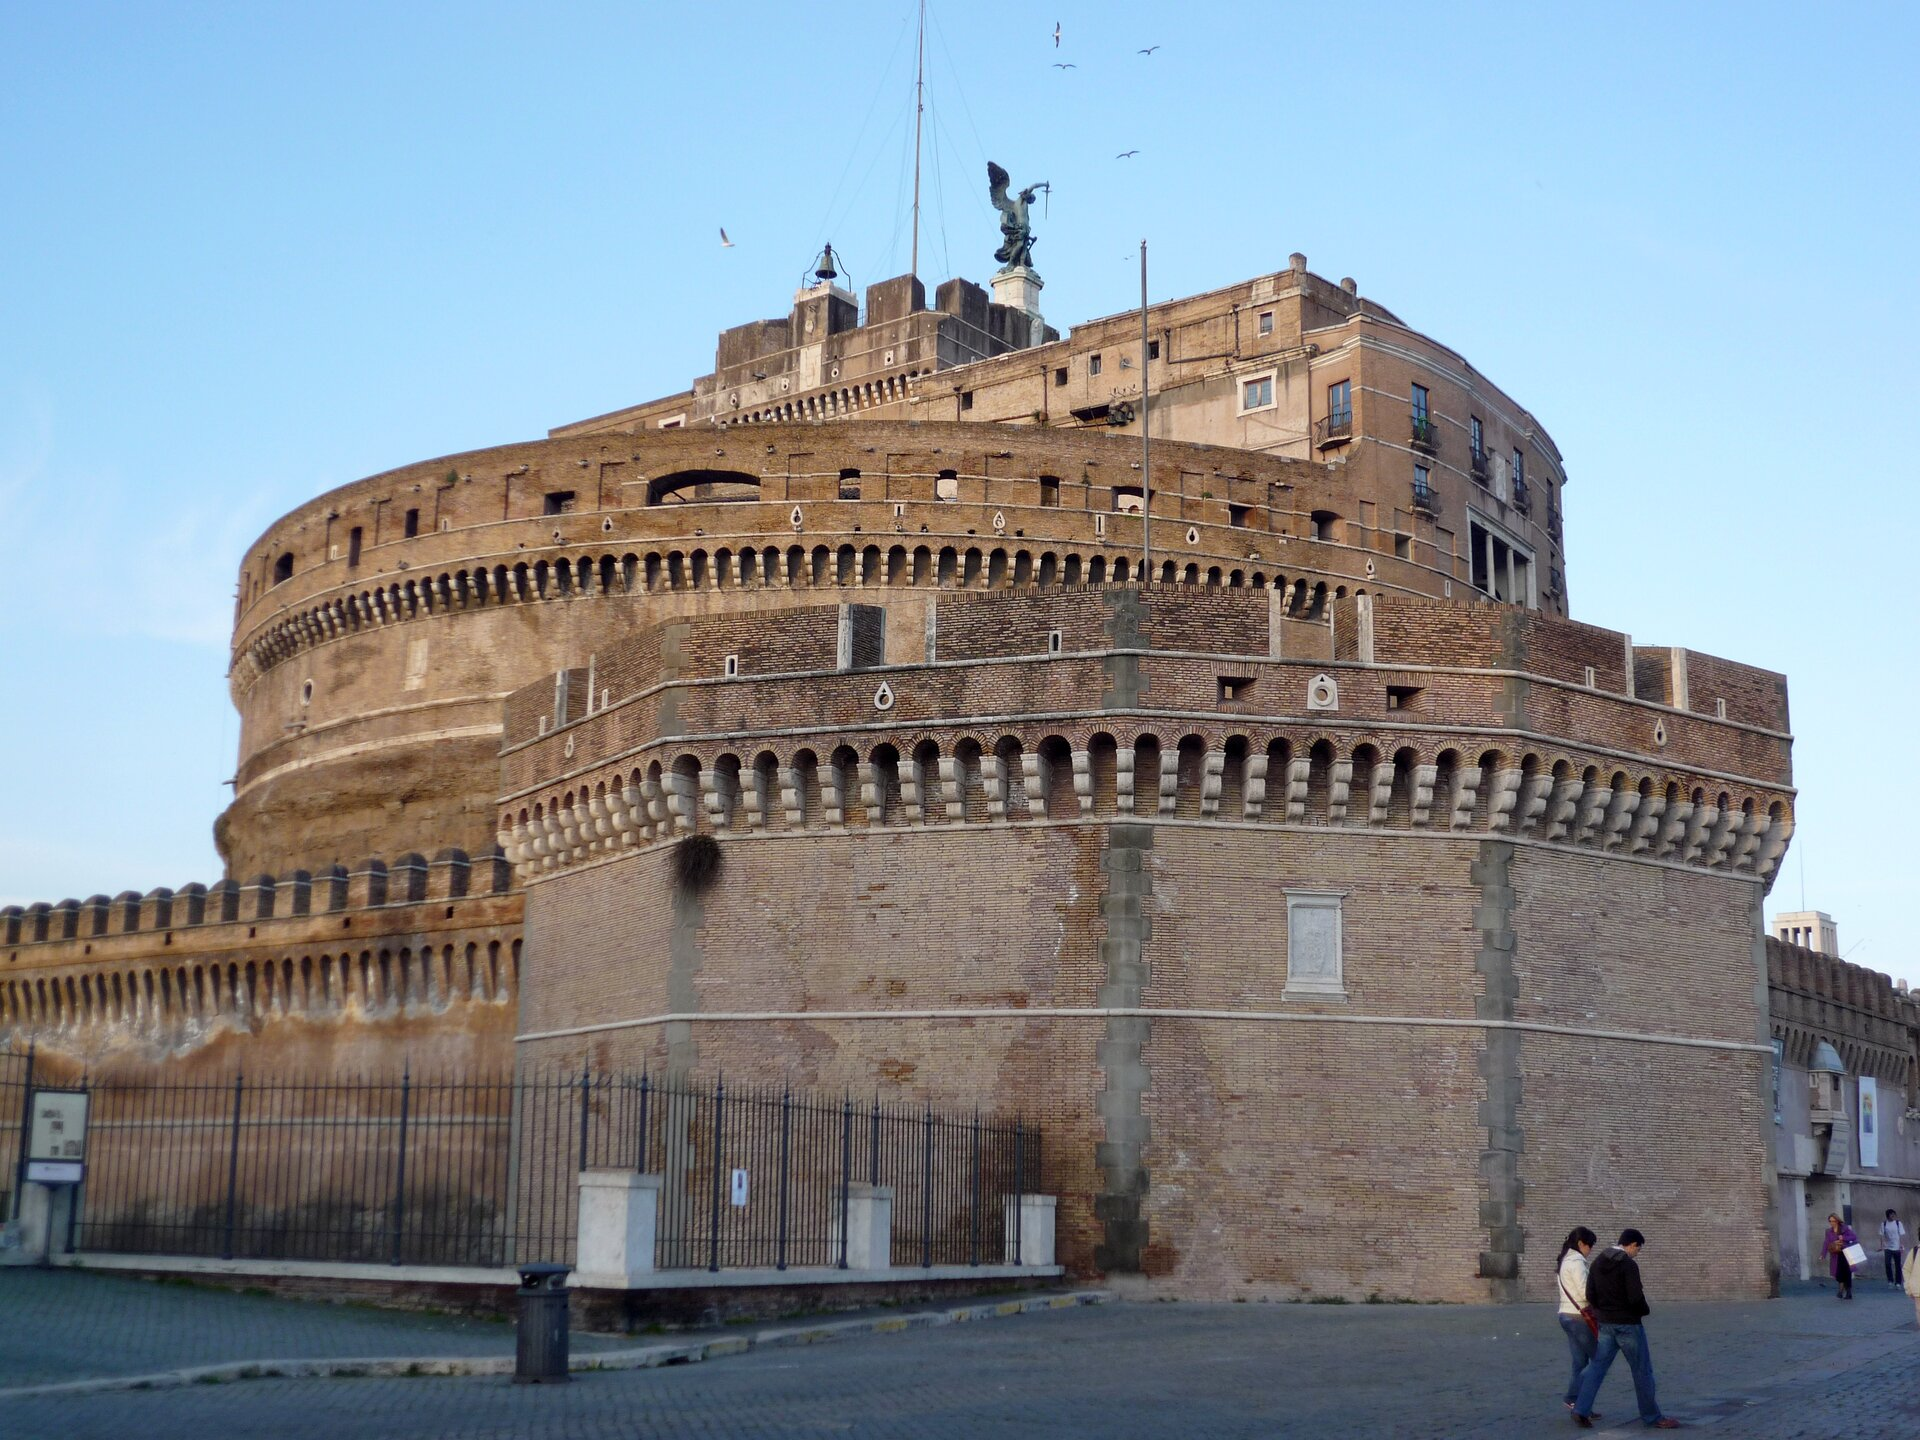 Mauzoleum cesarza Hadriana (II w.) zamienione wśredniowieczu wtwierdzę, Rzym Źródło: Fczarnowski, Mauzoleum cesarza Hadriana (II w.) zamienione wśredniowieczu wtwierdzę, Rzym, licencja: CC BY-SA 3.0.